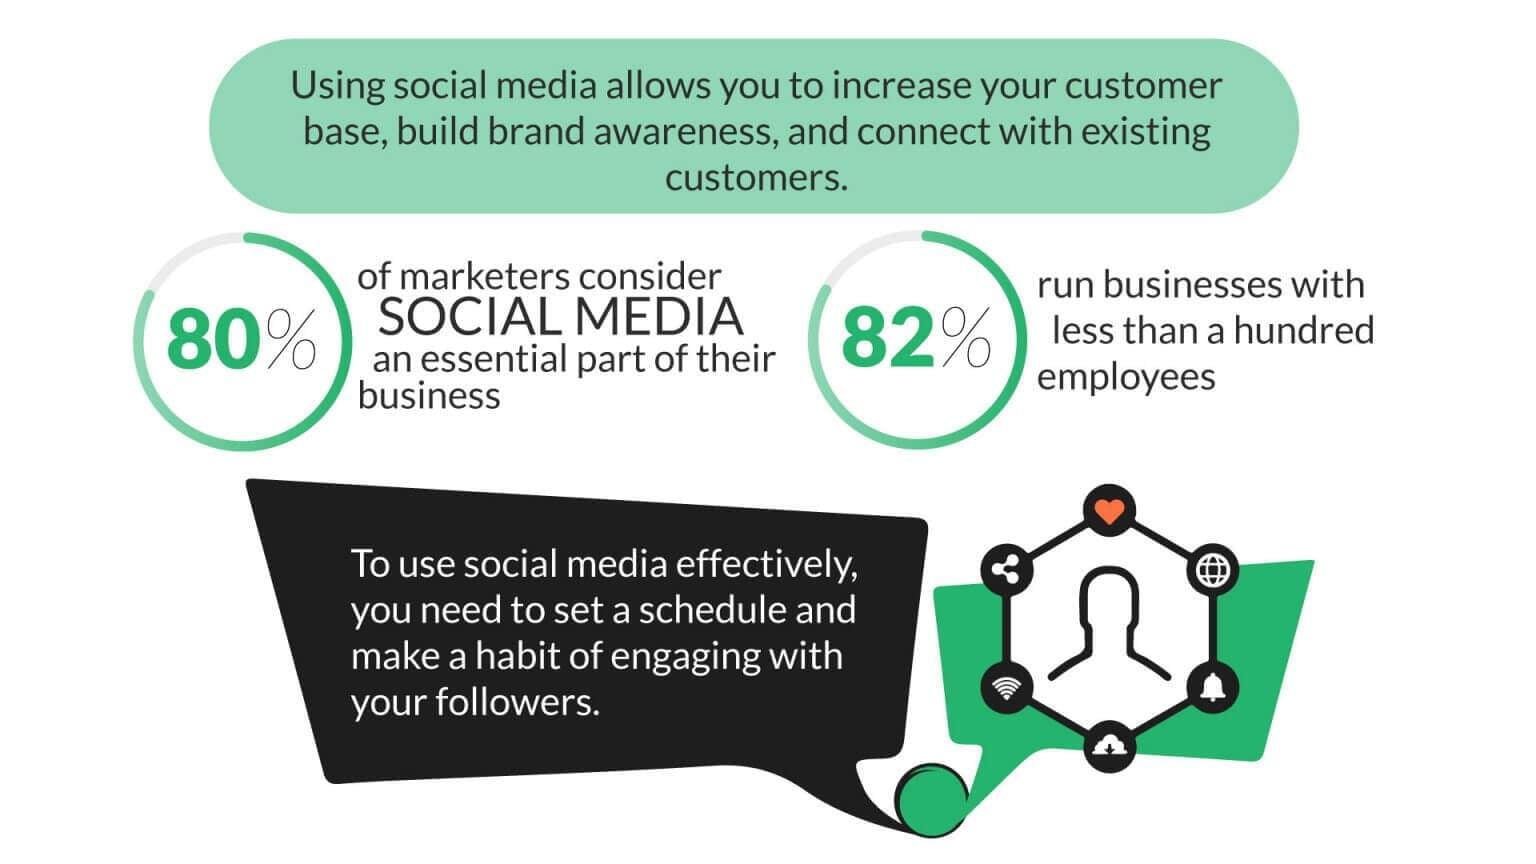 دليل وسائل التواصل الاجتماعي للأعمال الصغيرة